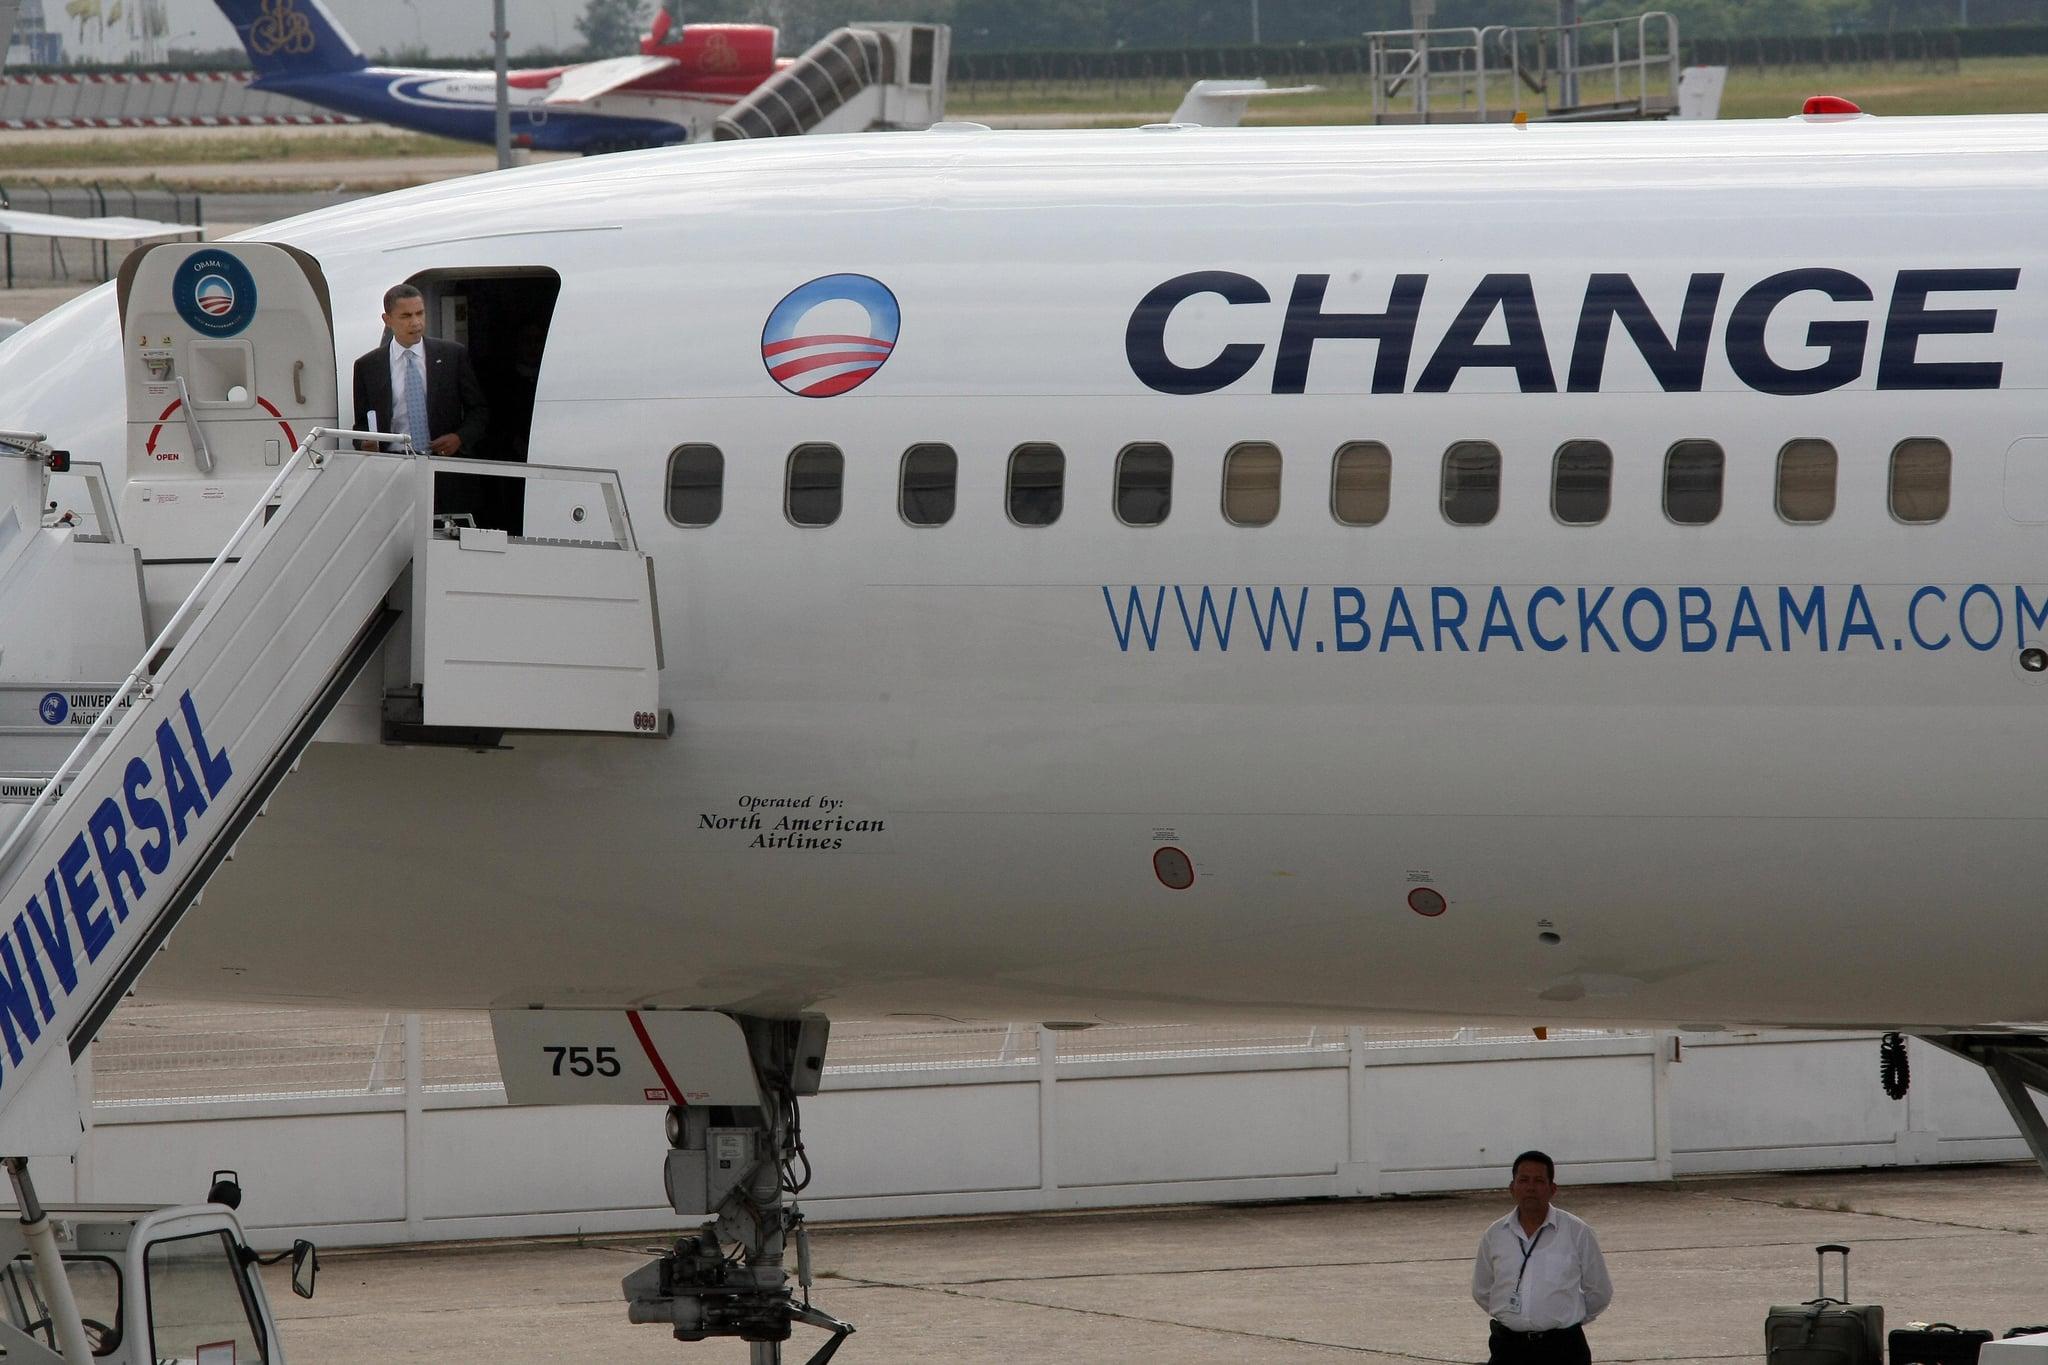 La Change! Barack arrives in France!